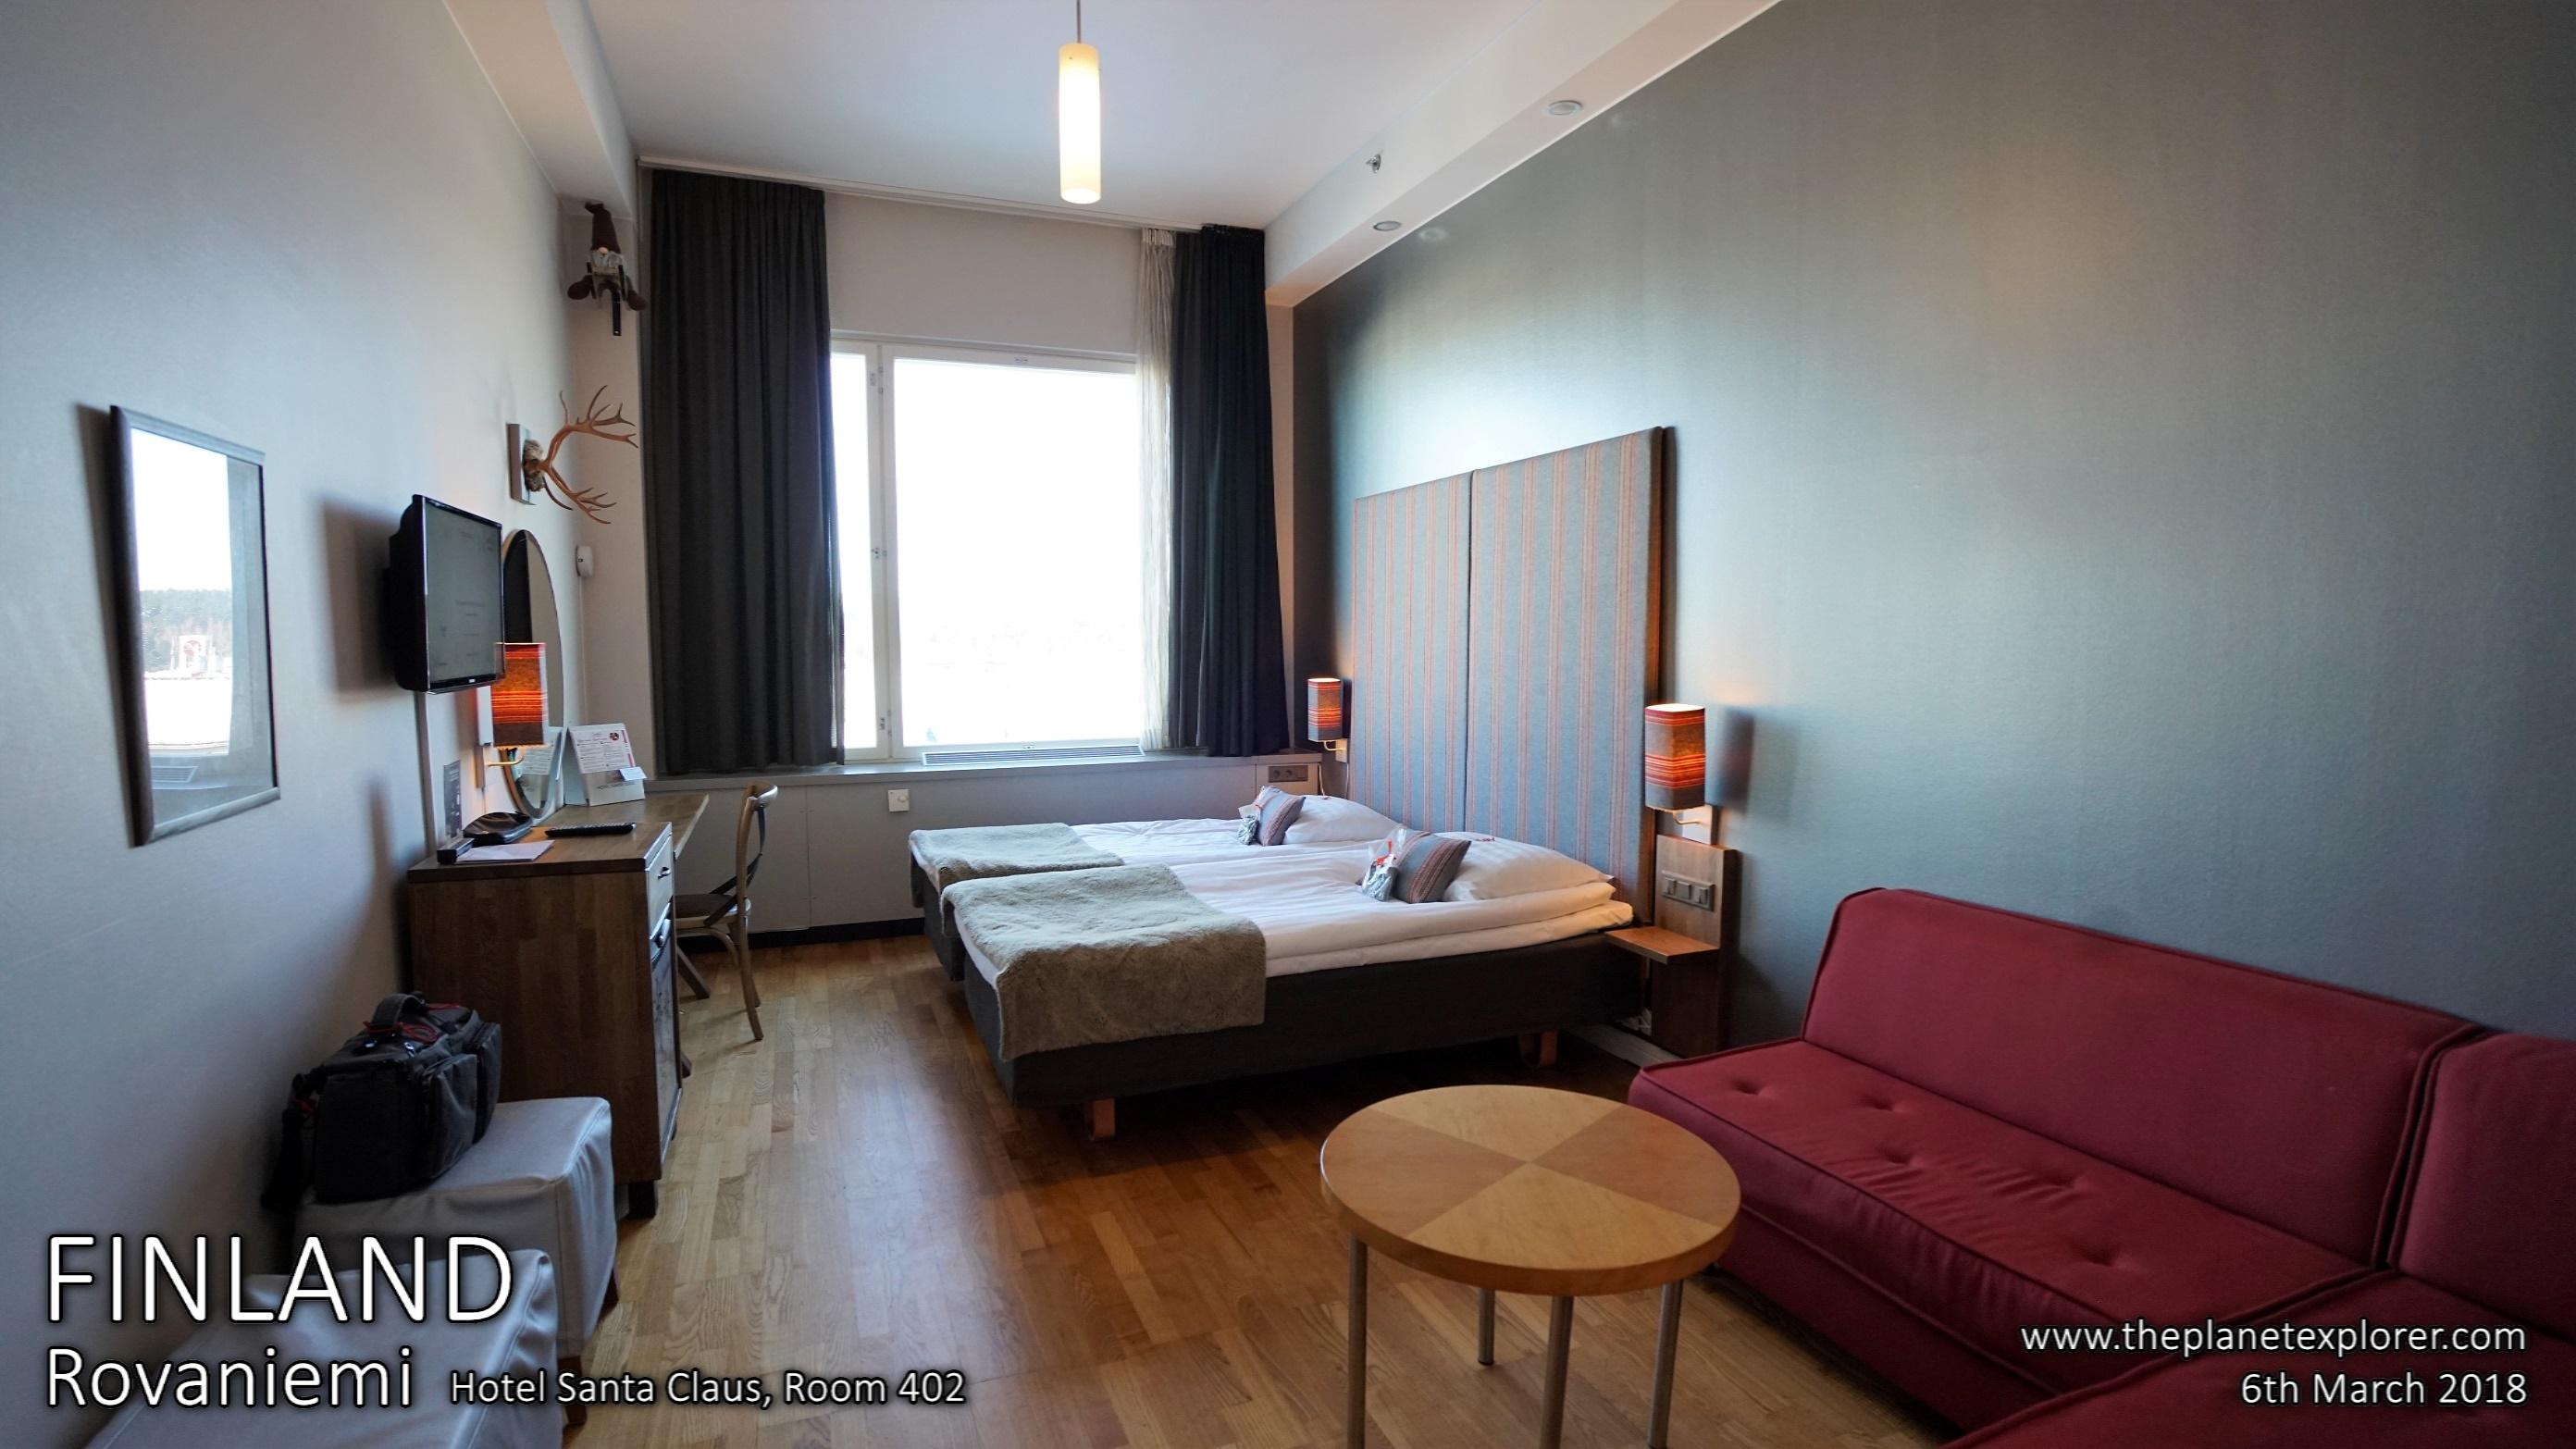 20180306_1452_Finland_Rovaniemi_Hotel Santa Claus_Rm 402_DSC09801_Sony a7R2_LR_@www